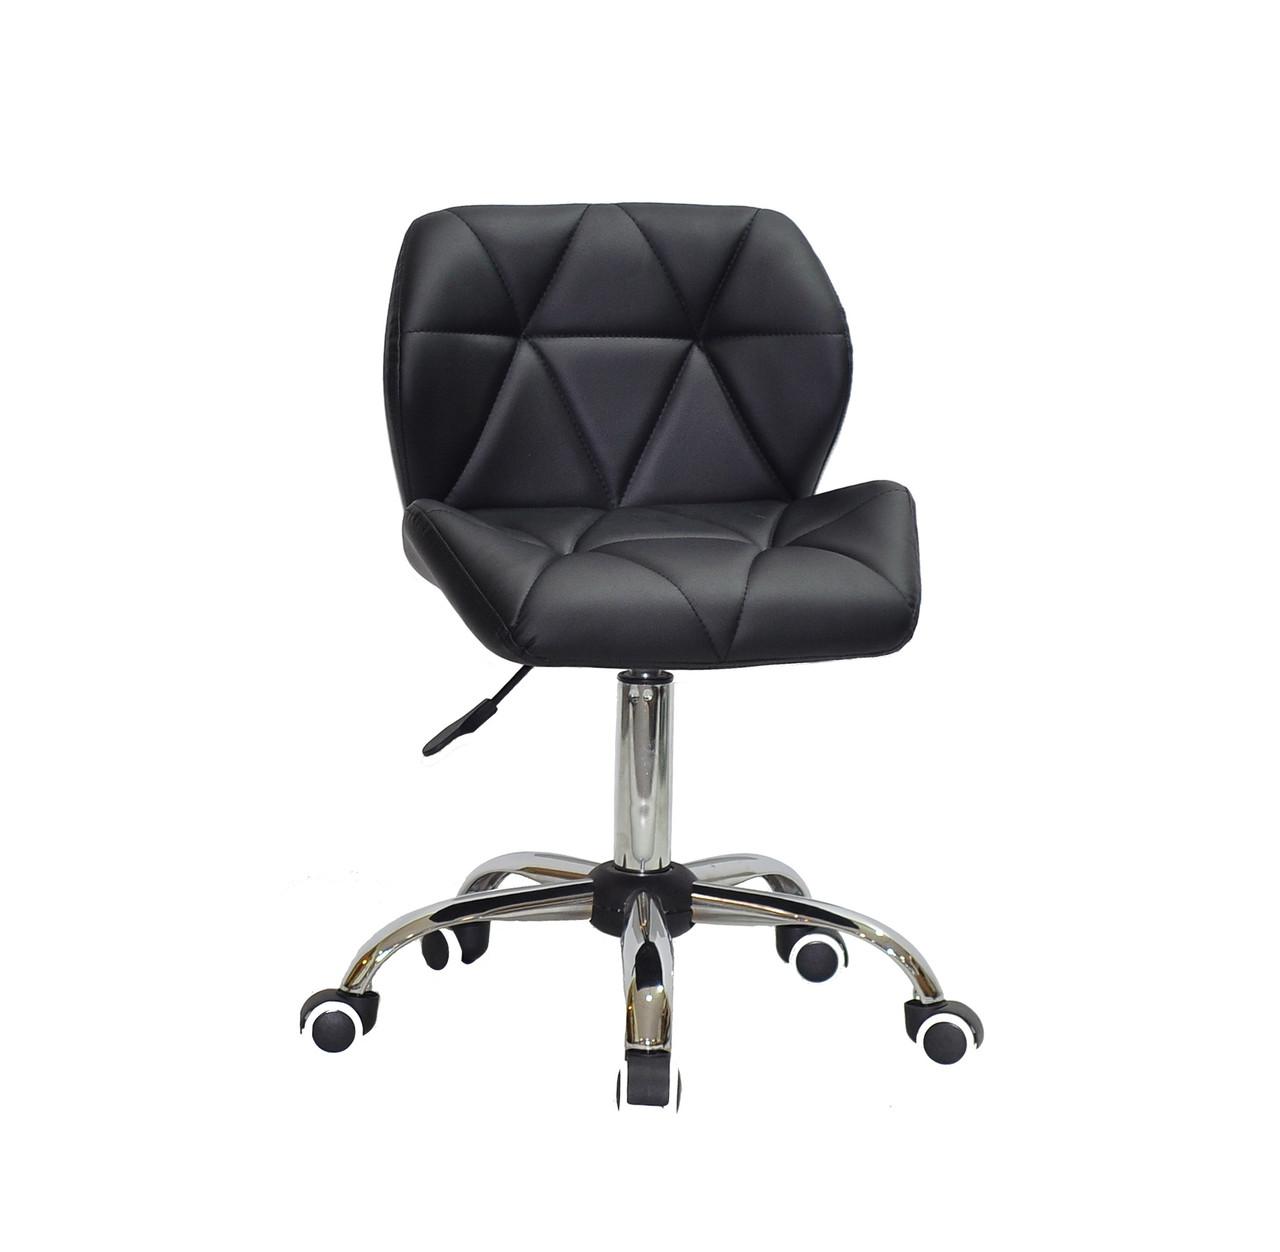 Черное кресло офисное на колесиках светло-серое SET CH-Office в эко-коже